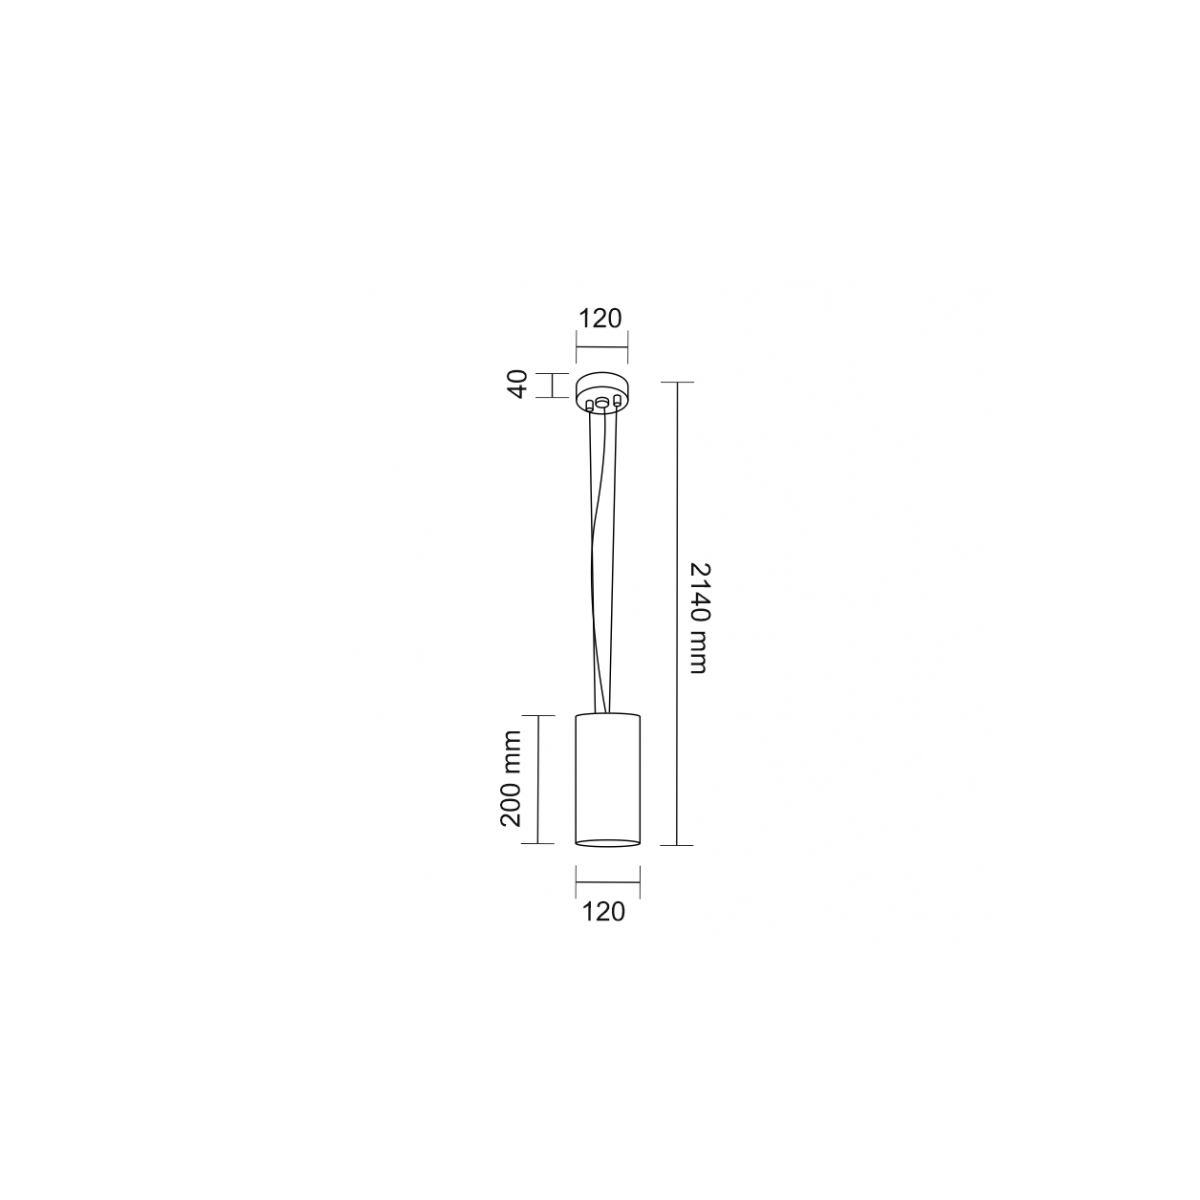 Shilo ARAO 1xGX53 biały wisząca 7649